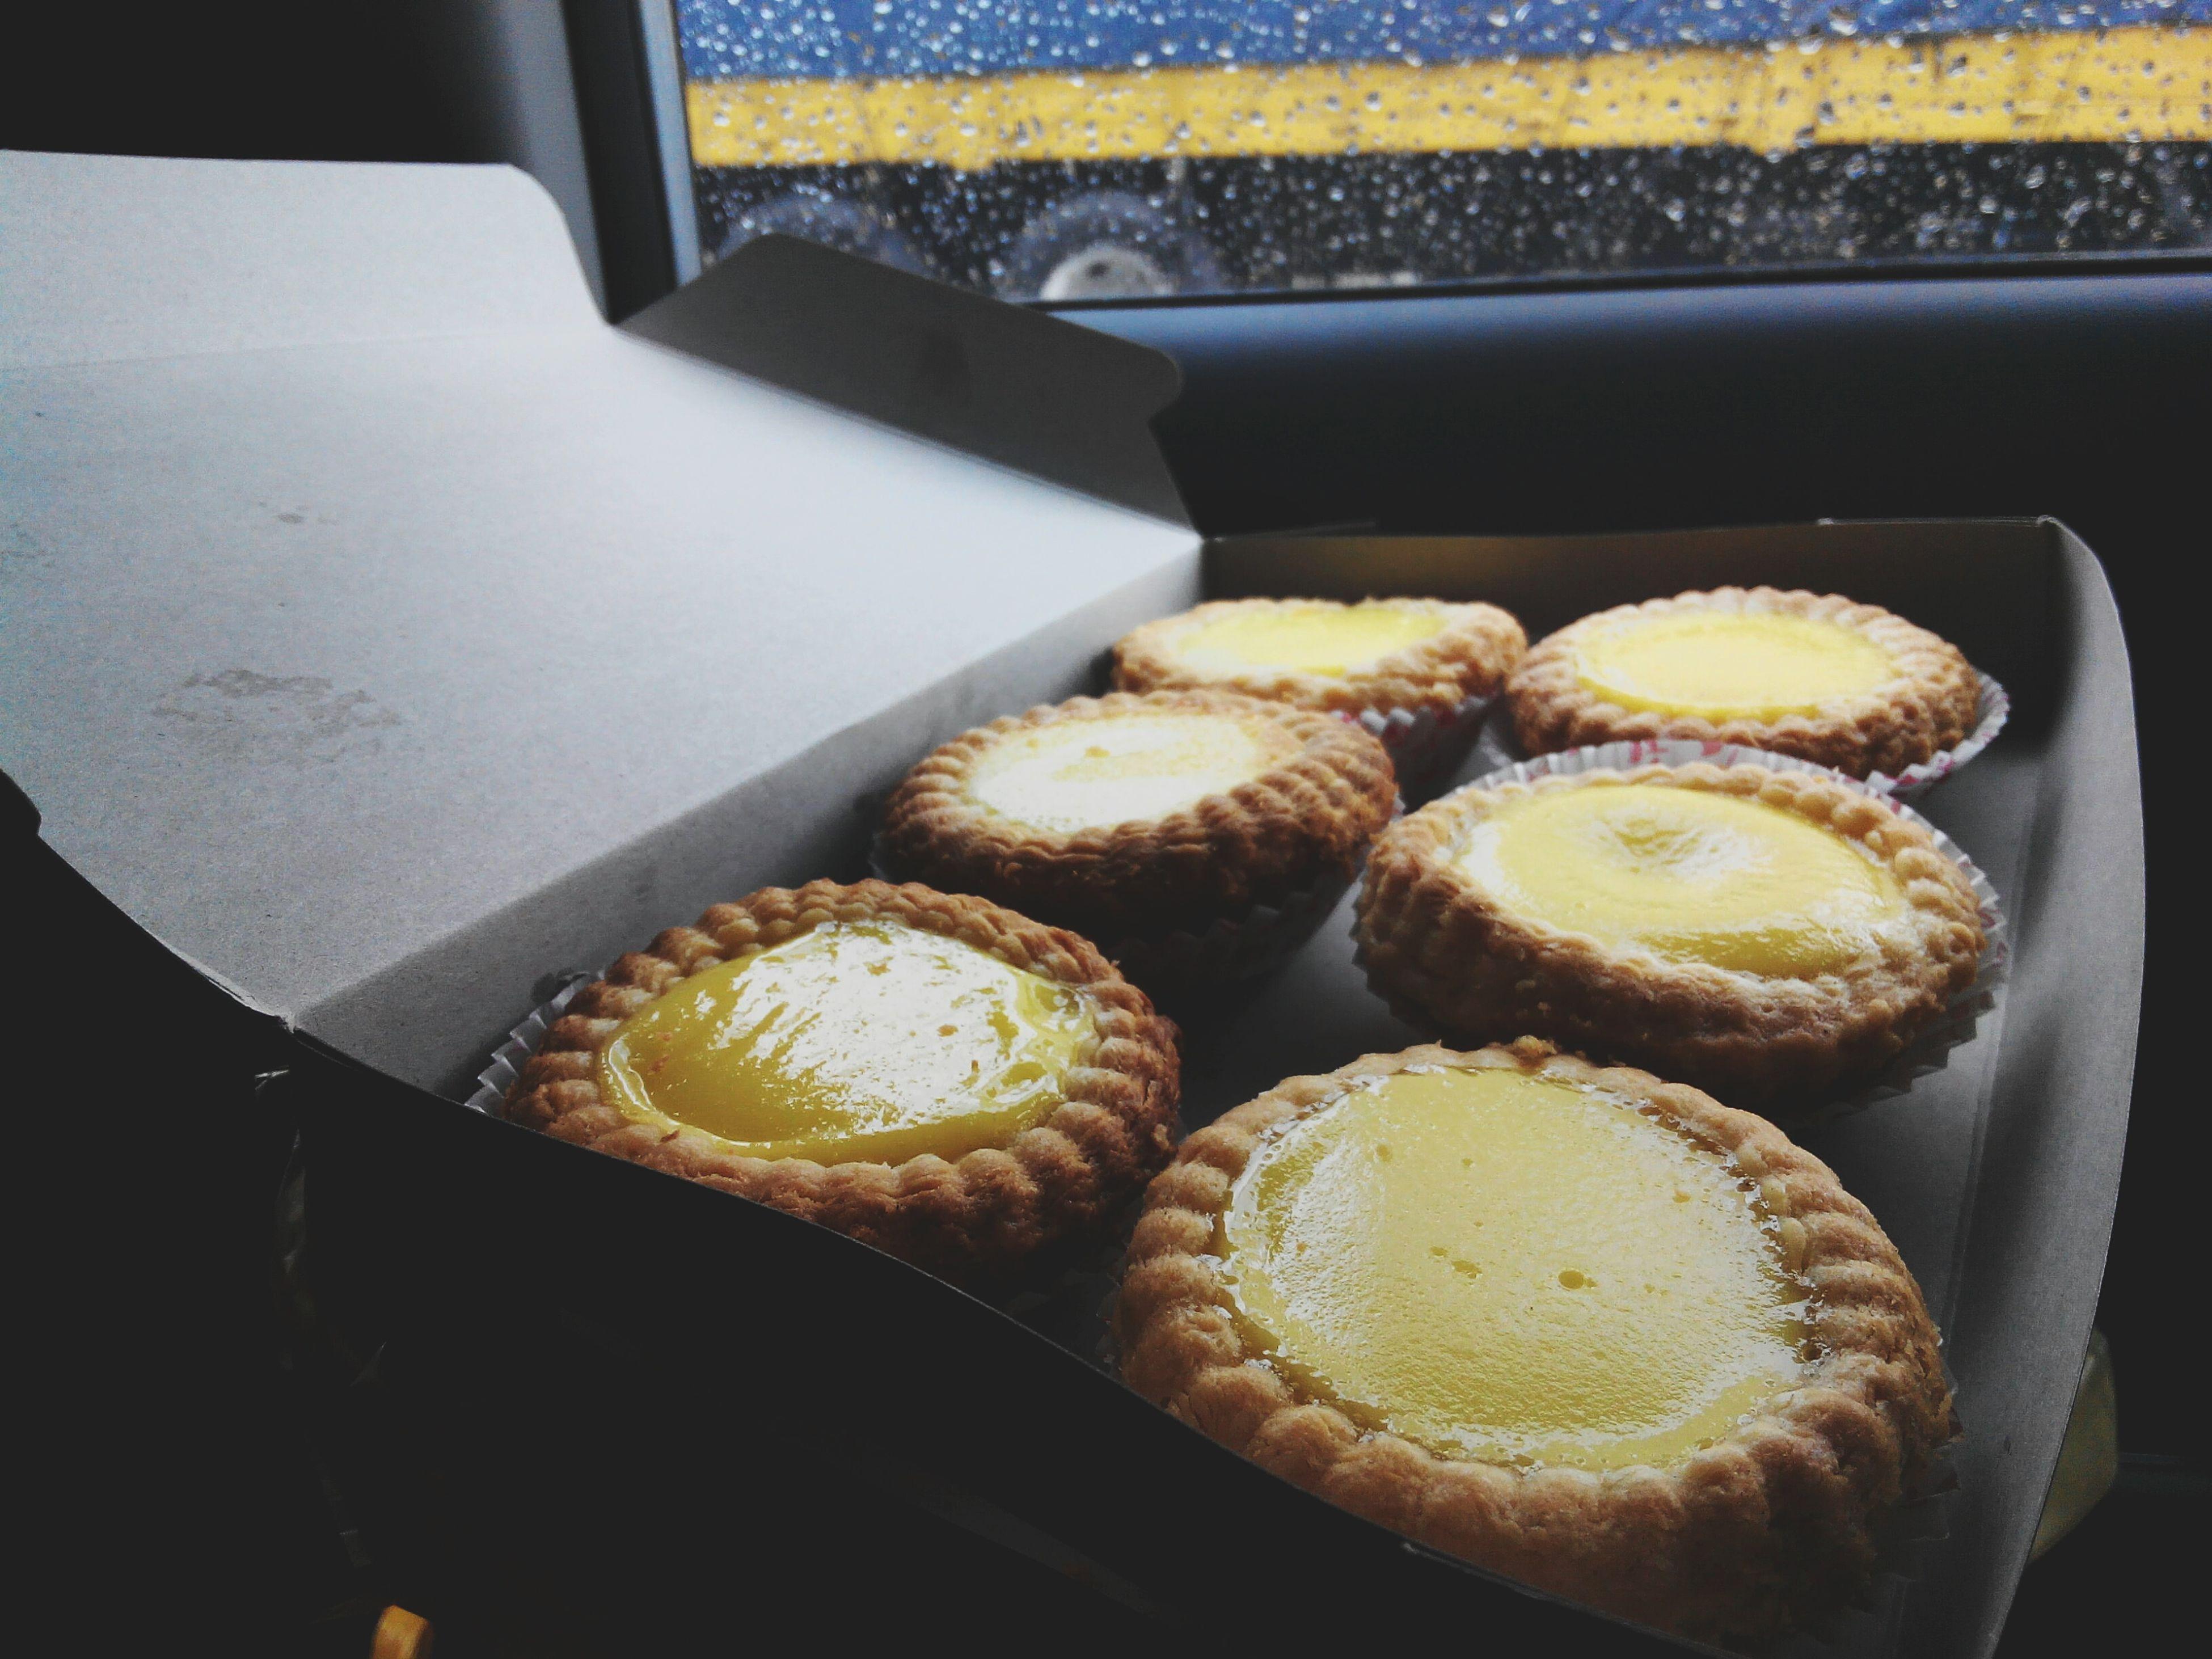 凉凉的天气,来个热乎乎的蛋挞😍😍 我是蛋挞控